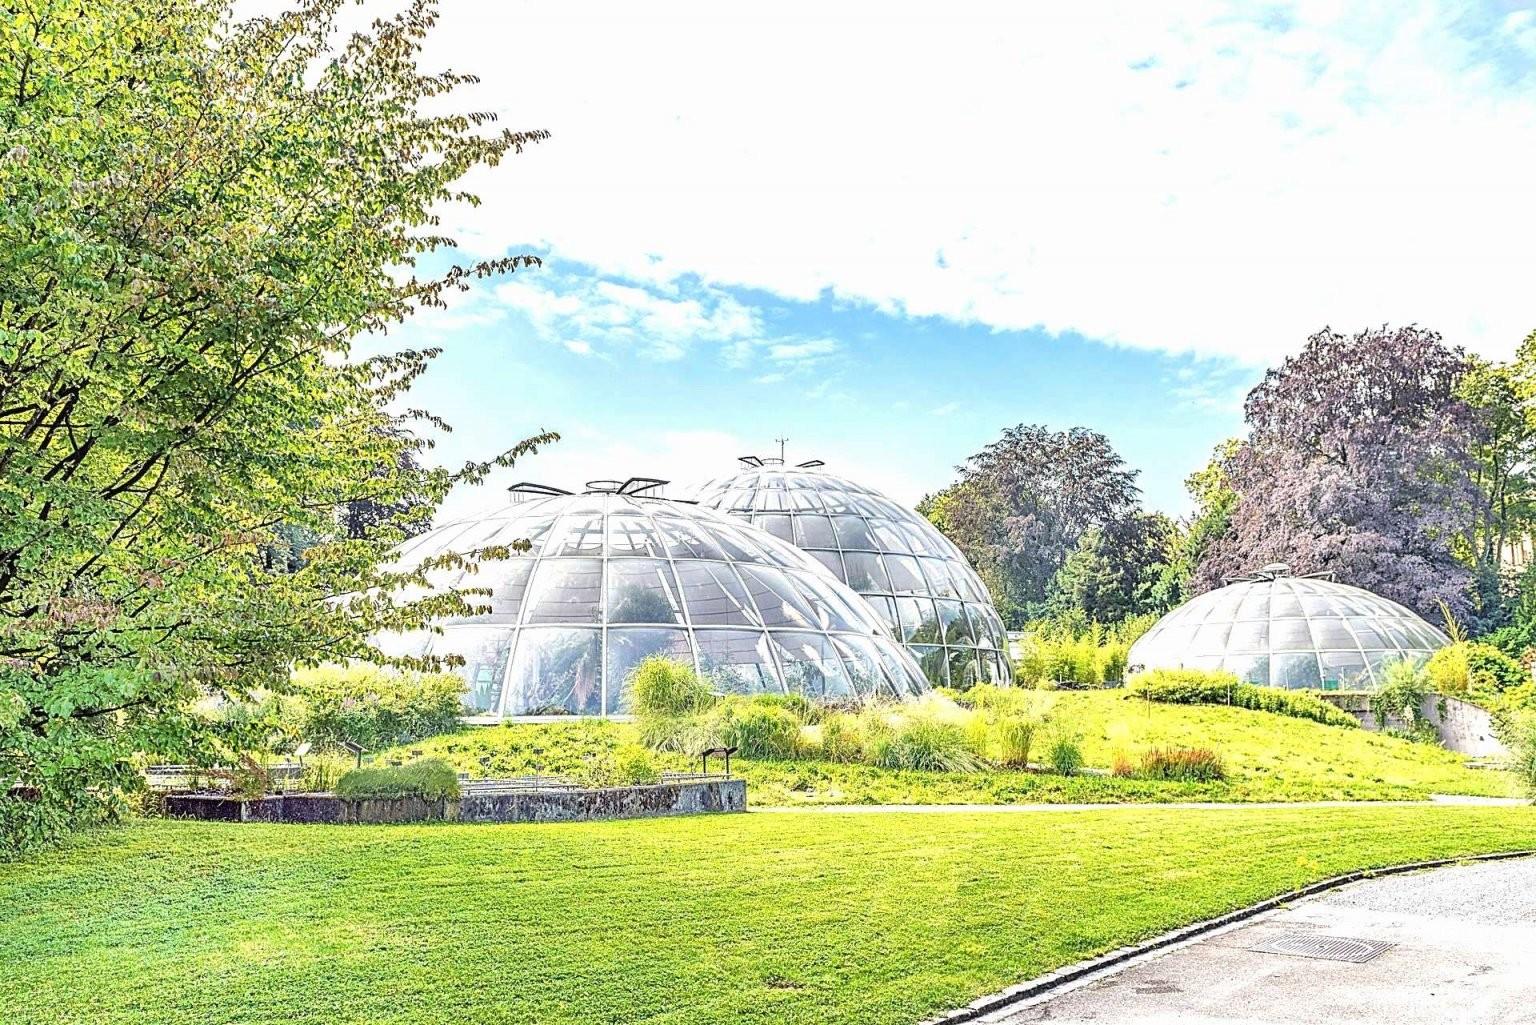 Flora Garten Einzigartig Wohnen Und Garten Zeitschrift Genial Wohnen von Wohnen Und Garten Abo Bild